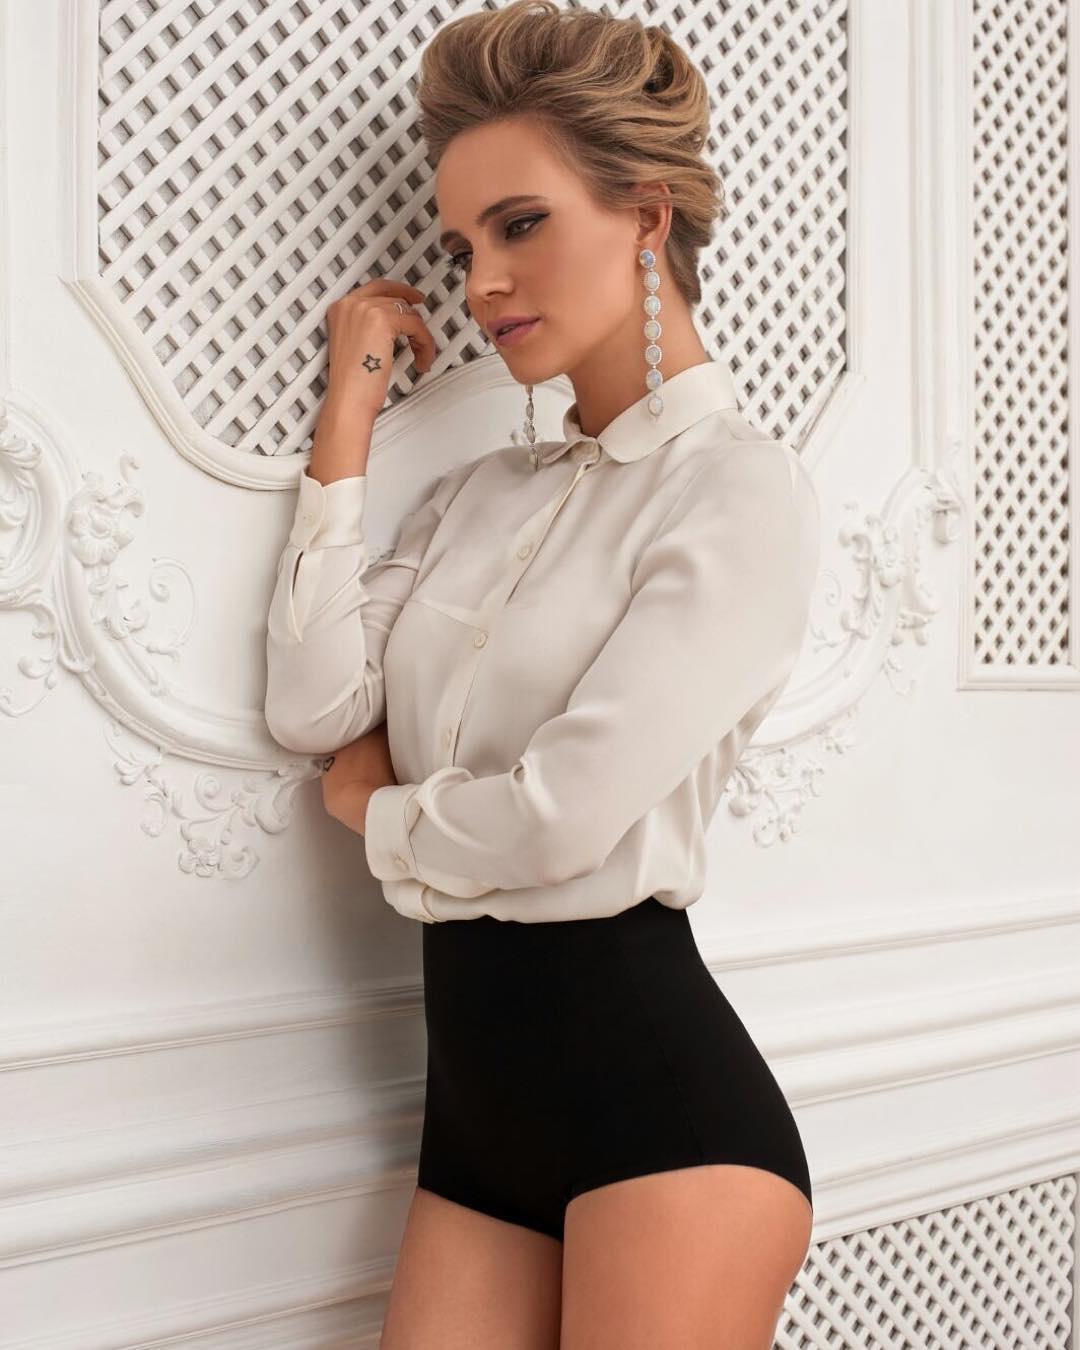 Фото белые трусвы под юбкой